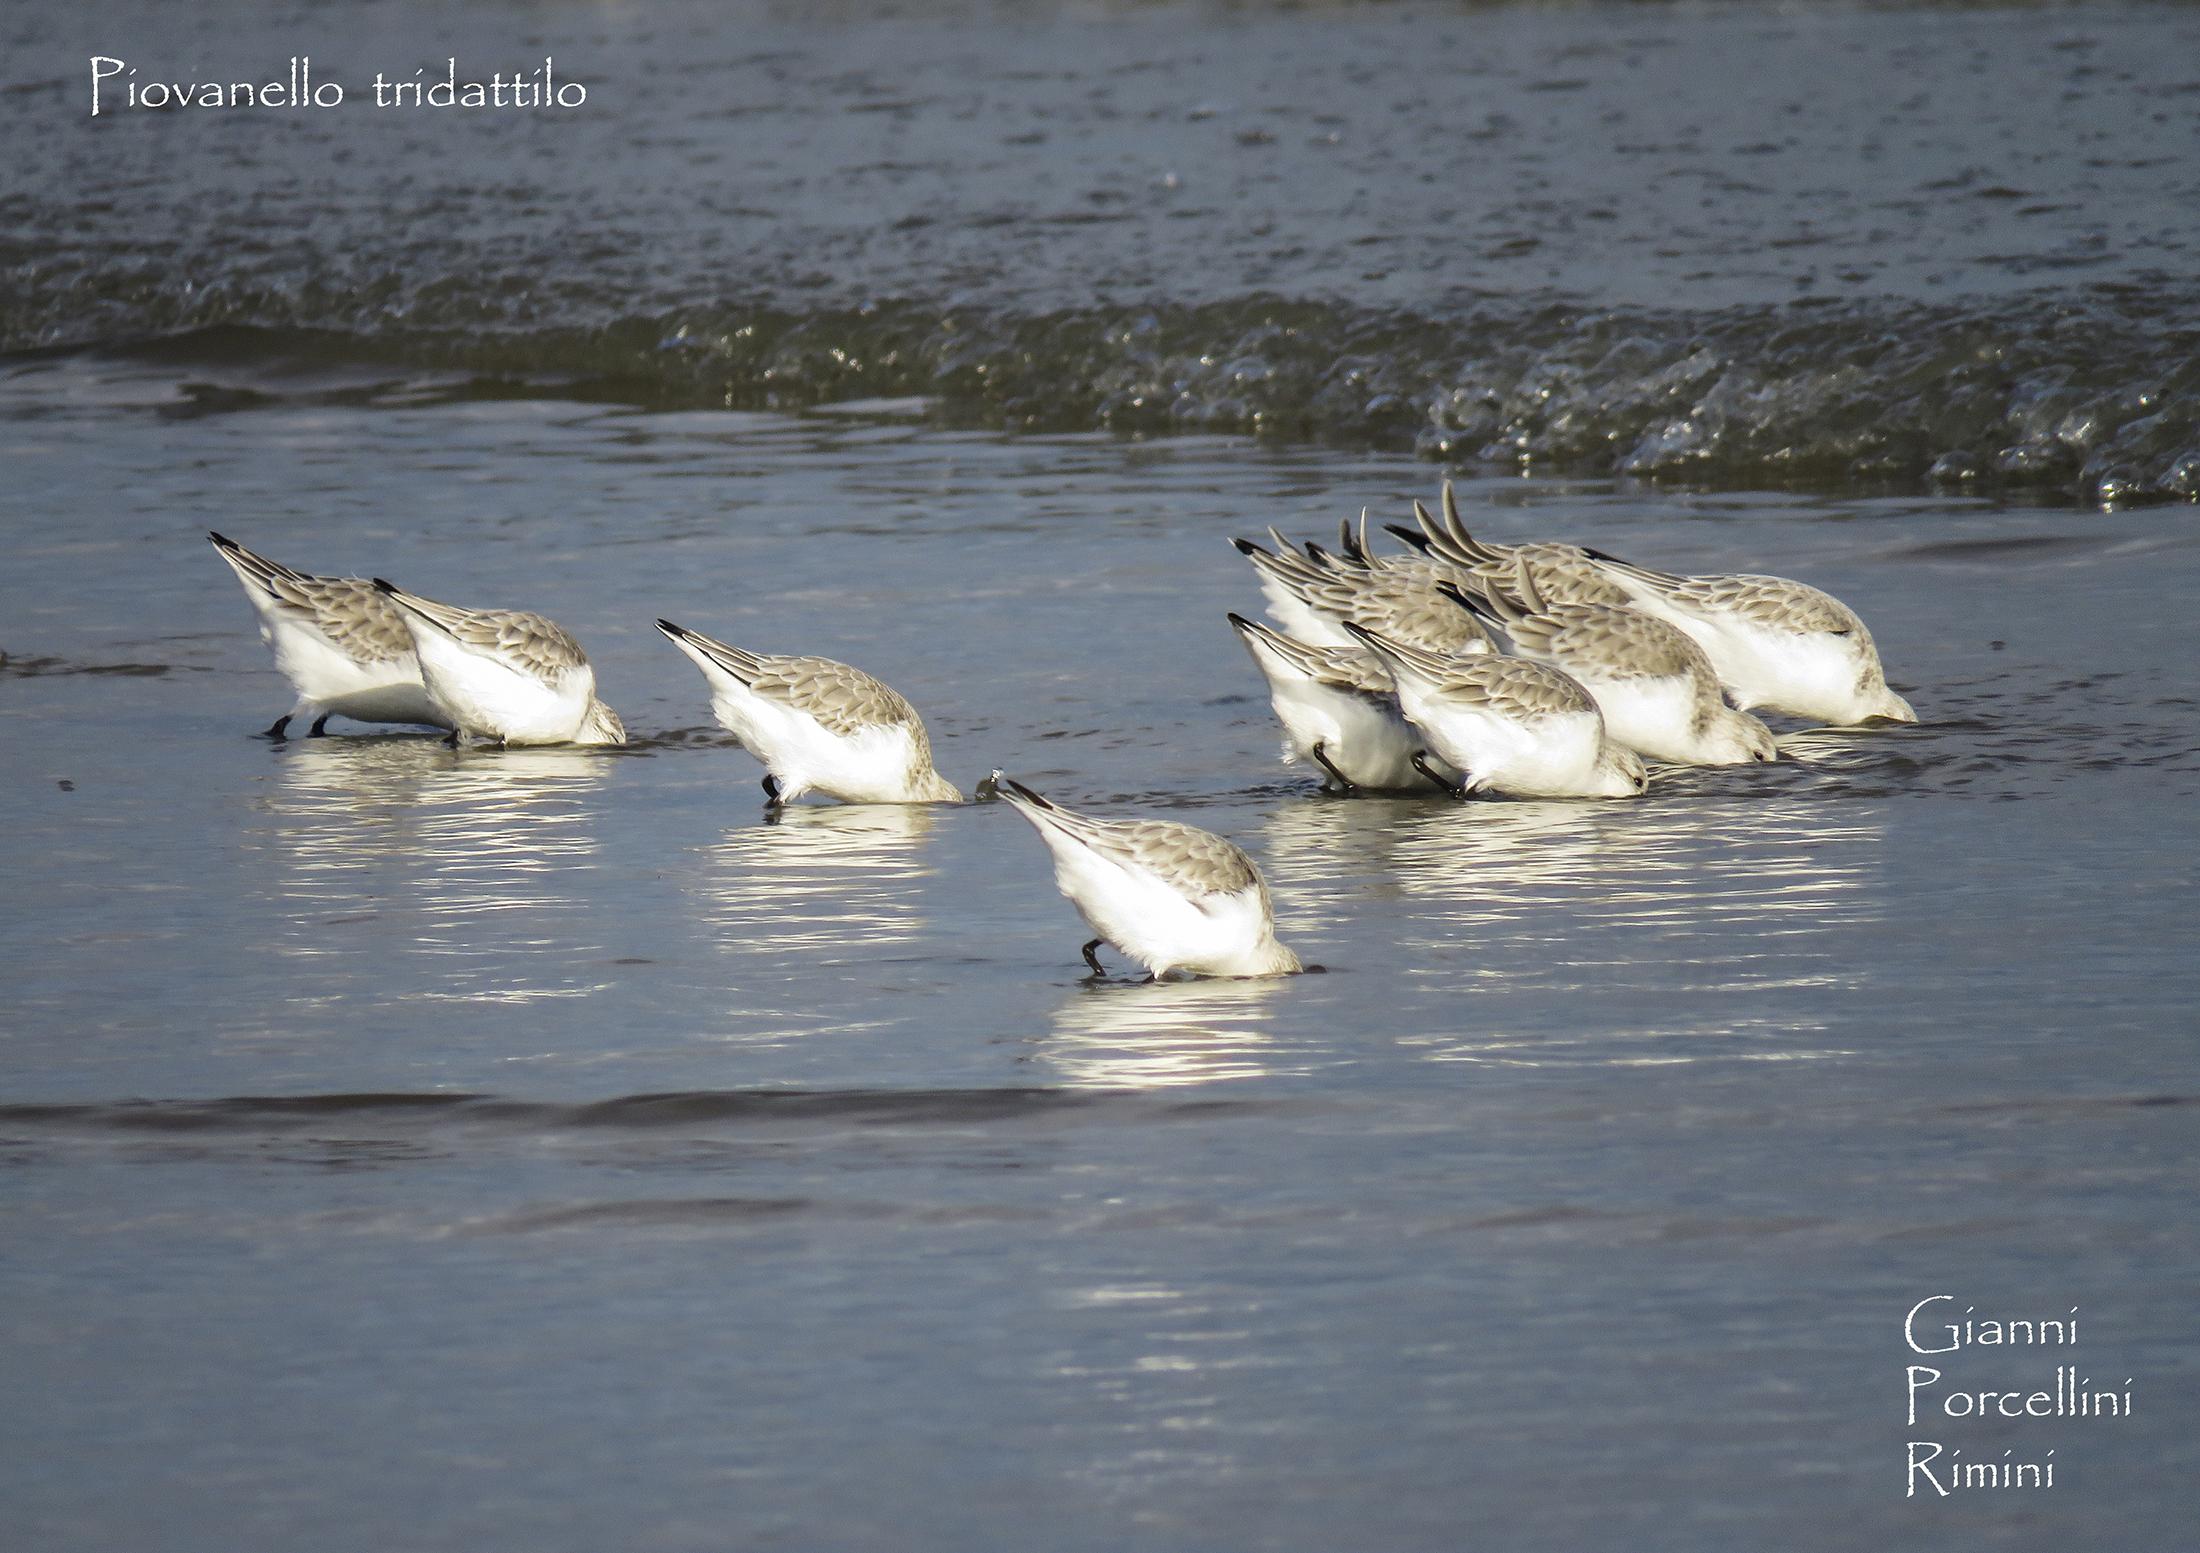 Piovanelli tridattili a pranzo sulla spiaggia di Rimini...